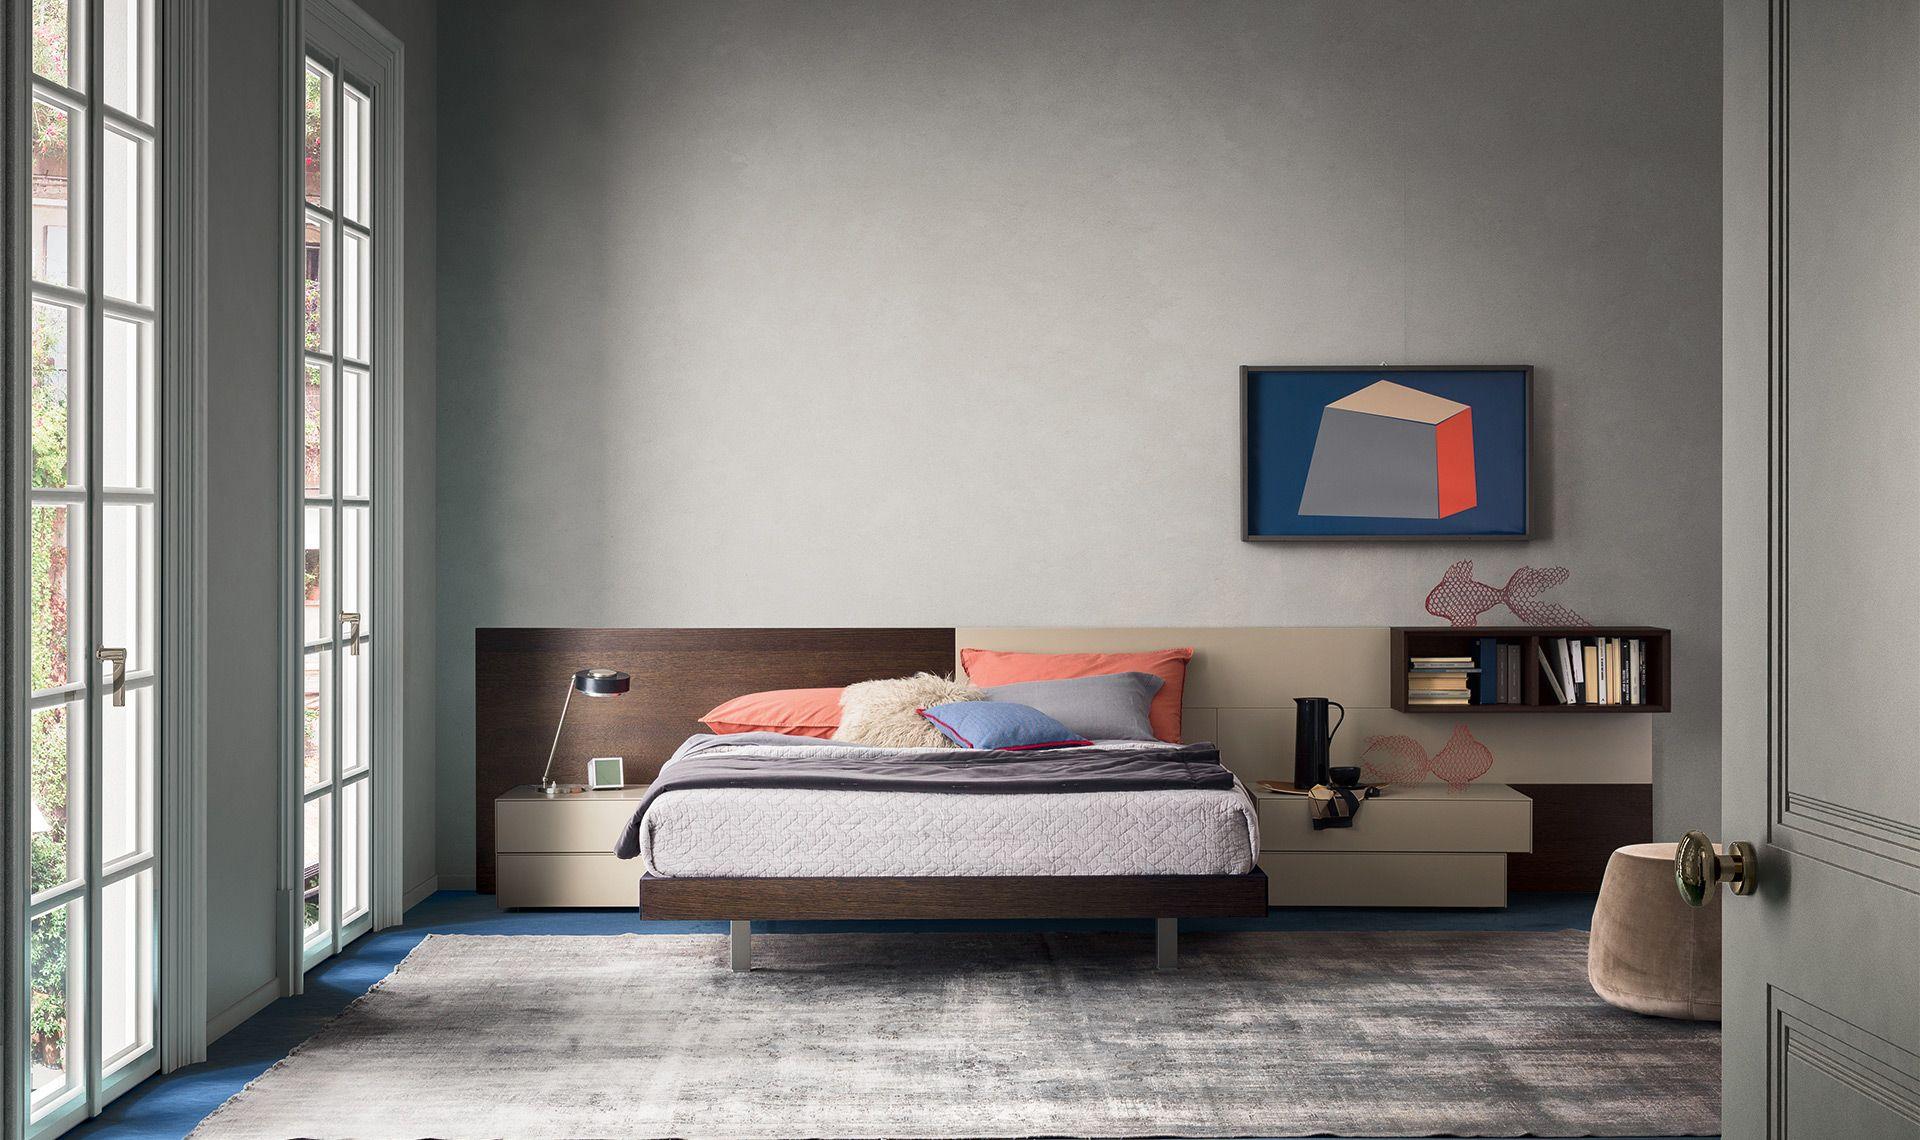 Suite system co³ design studio non solo un letto ma un vero